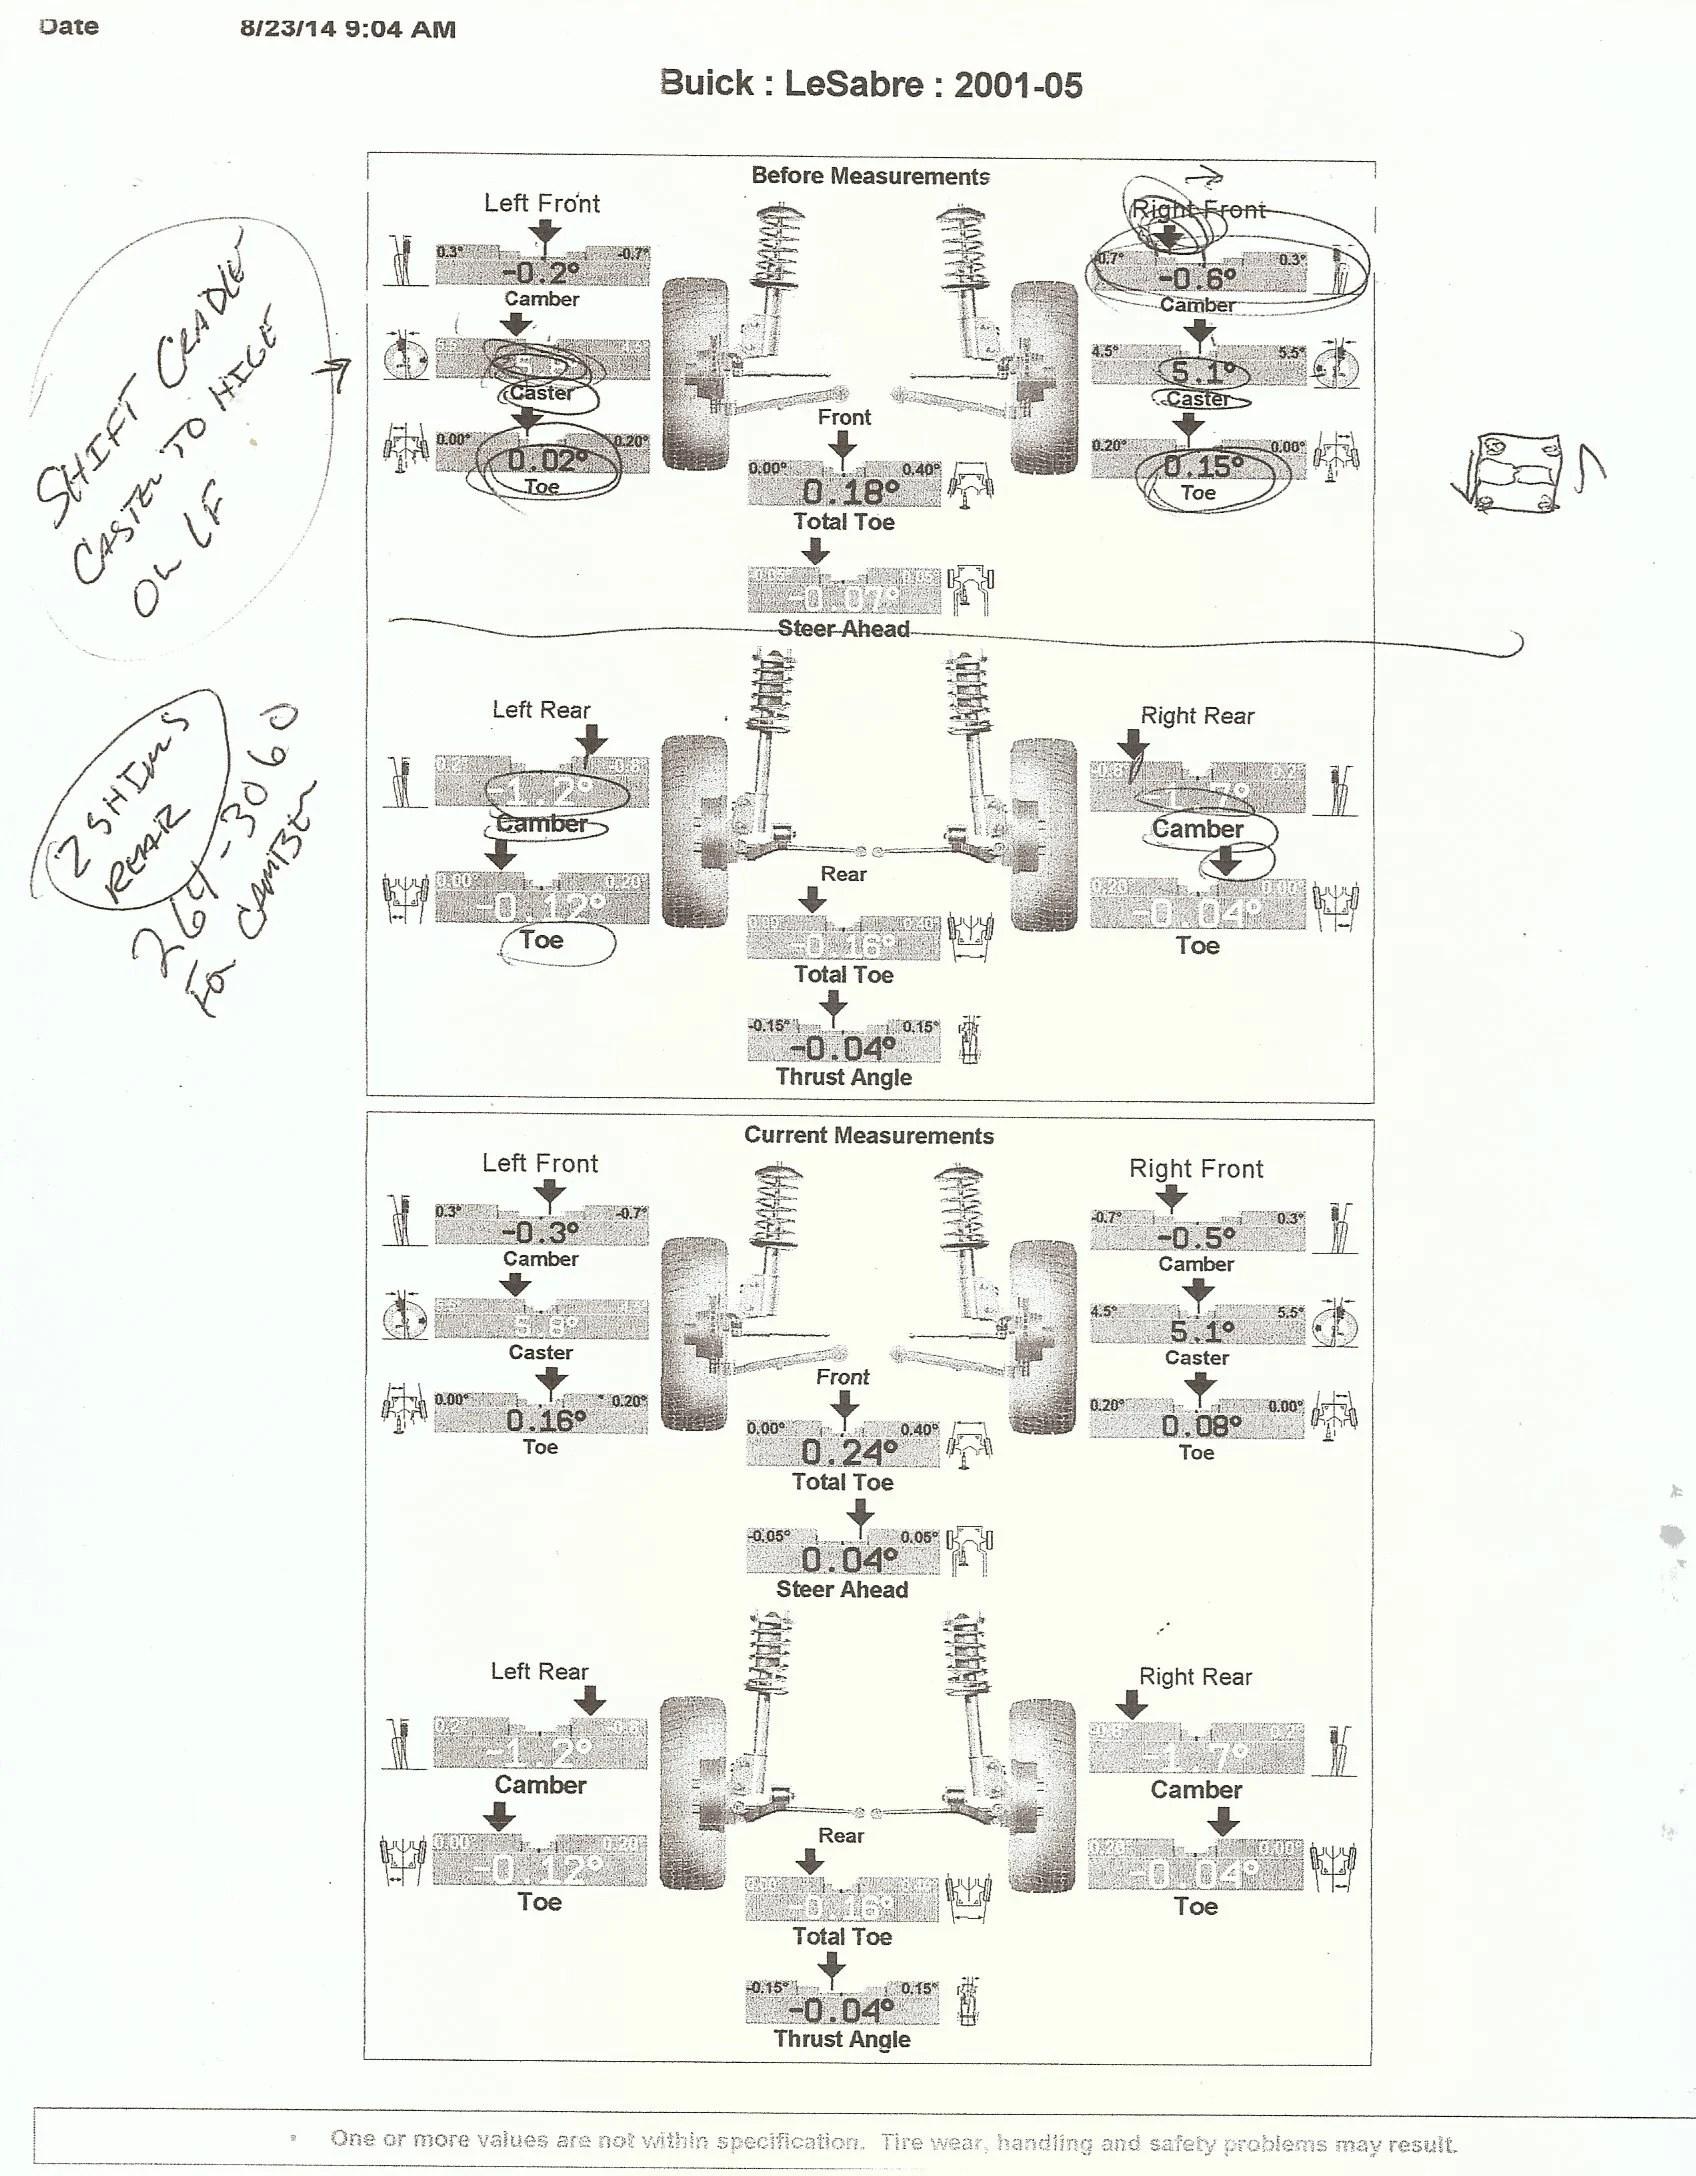 Buick Lesabre Rear Alignment